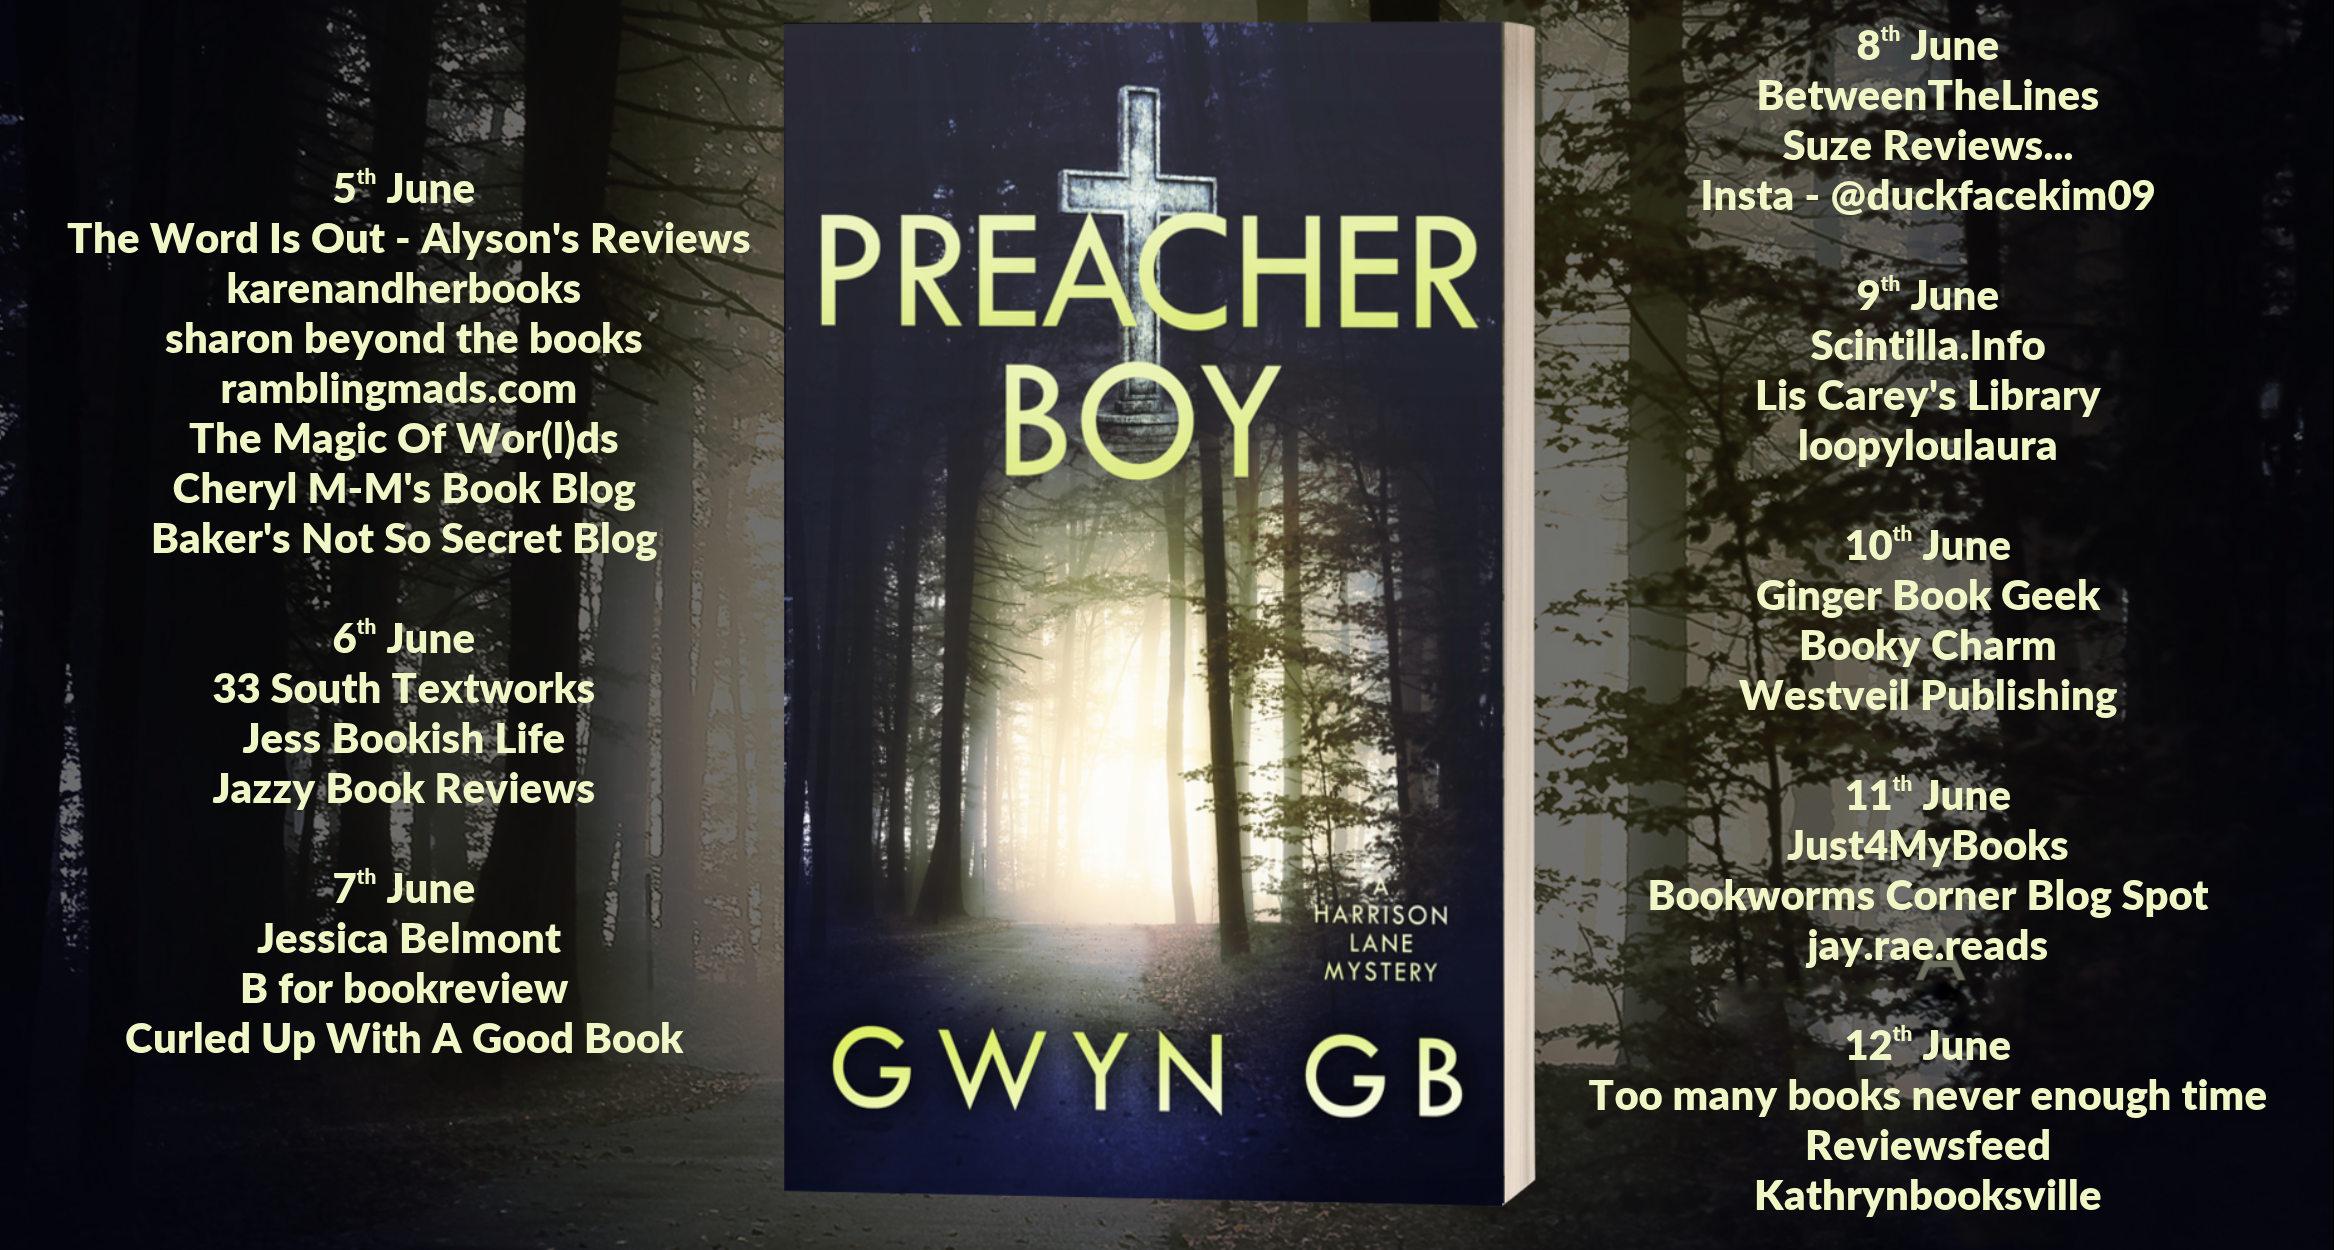 The Blog Tour stops for Preacher Boy